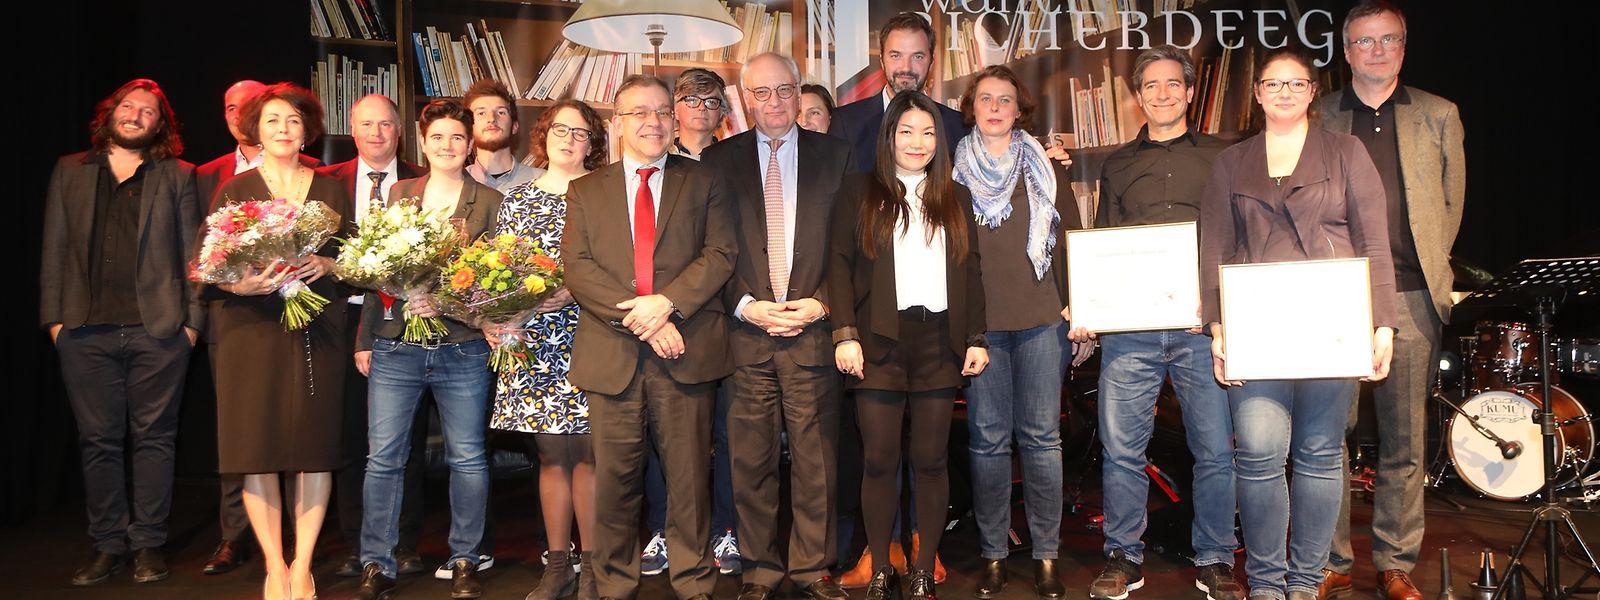 Nach der Überreichung stellten die Gewinner sich mit den Organisatoren und Staatssekretär Guy Arendt den Fotografen.